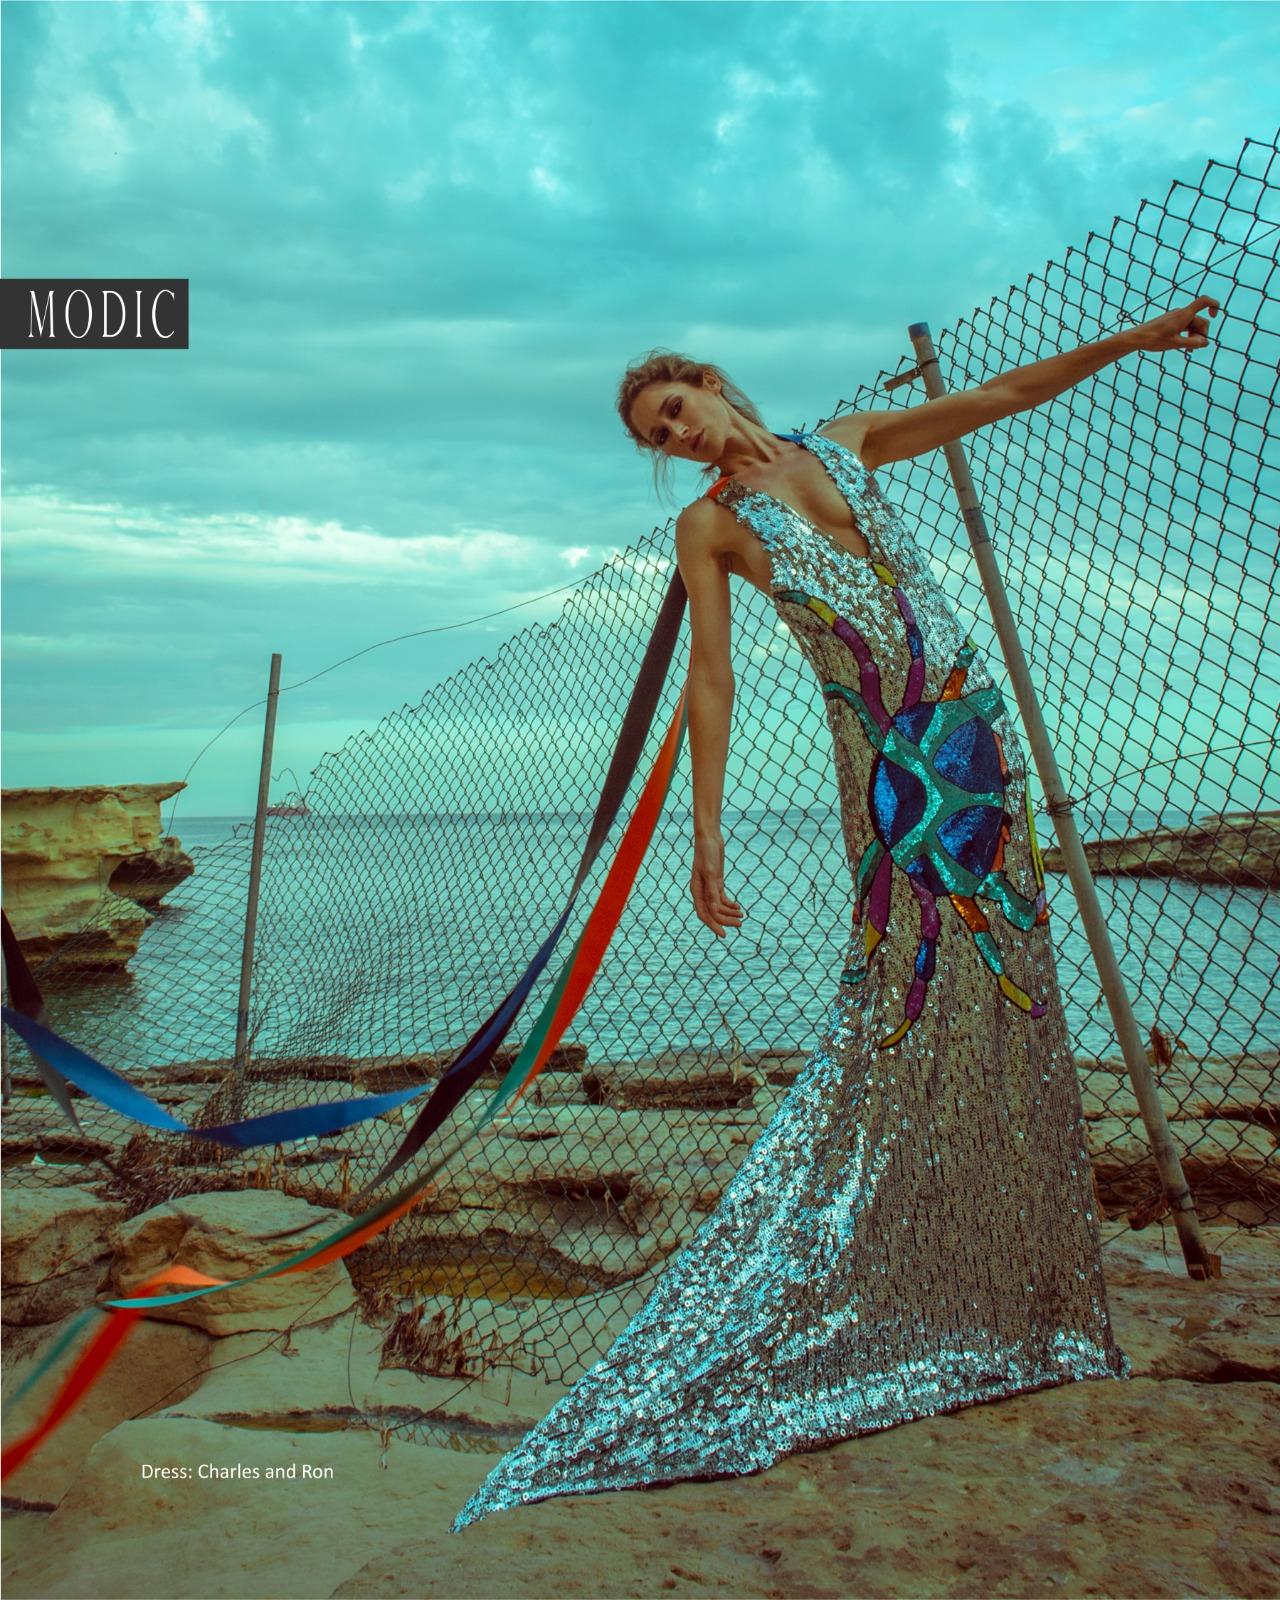 #ModicEditorial - Malta by the Sea